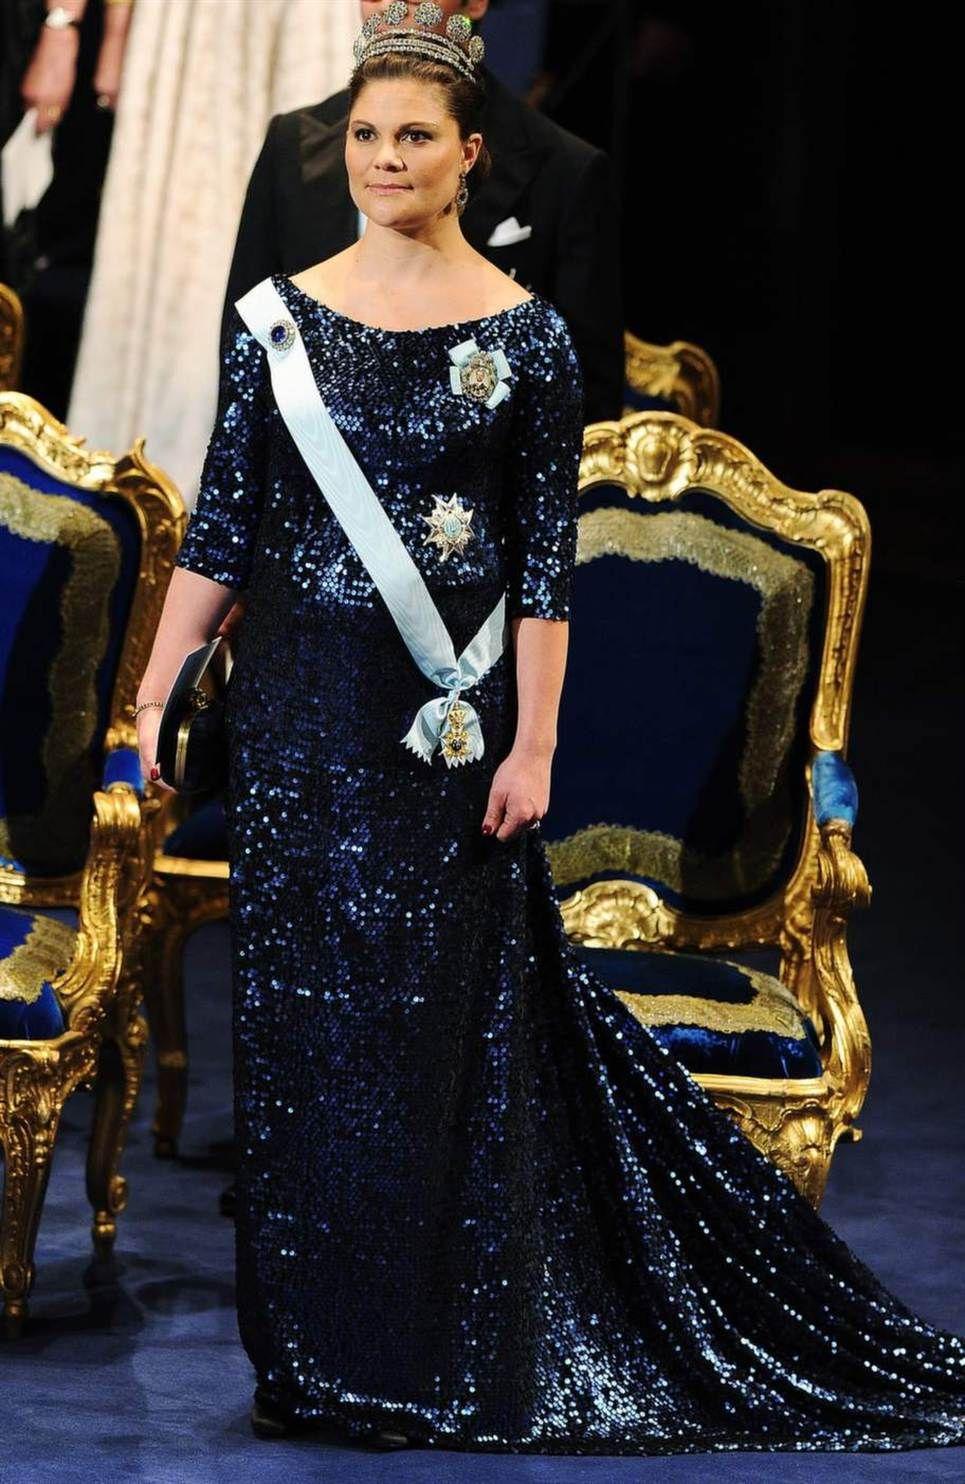 2011 г - блестящее платье полночной синевы от Pär Engsheden скрывает беременность:), к образу была выбрана большая knappdiademet ( диадема Karl Johan)